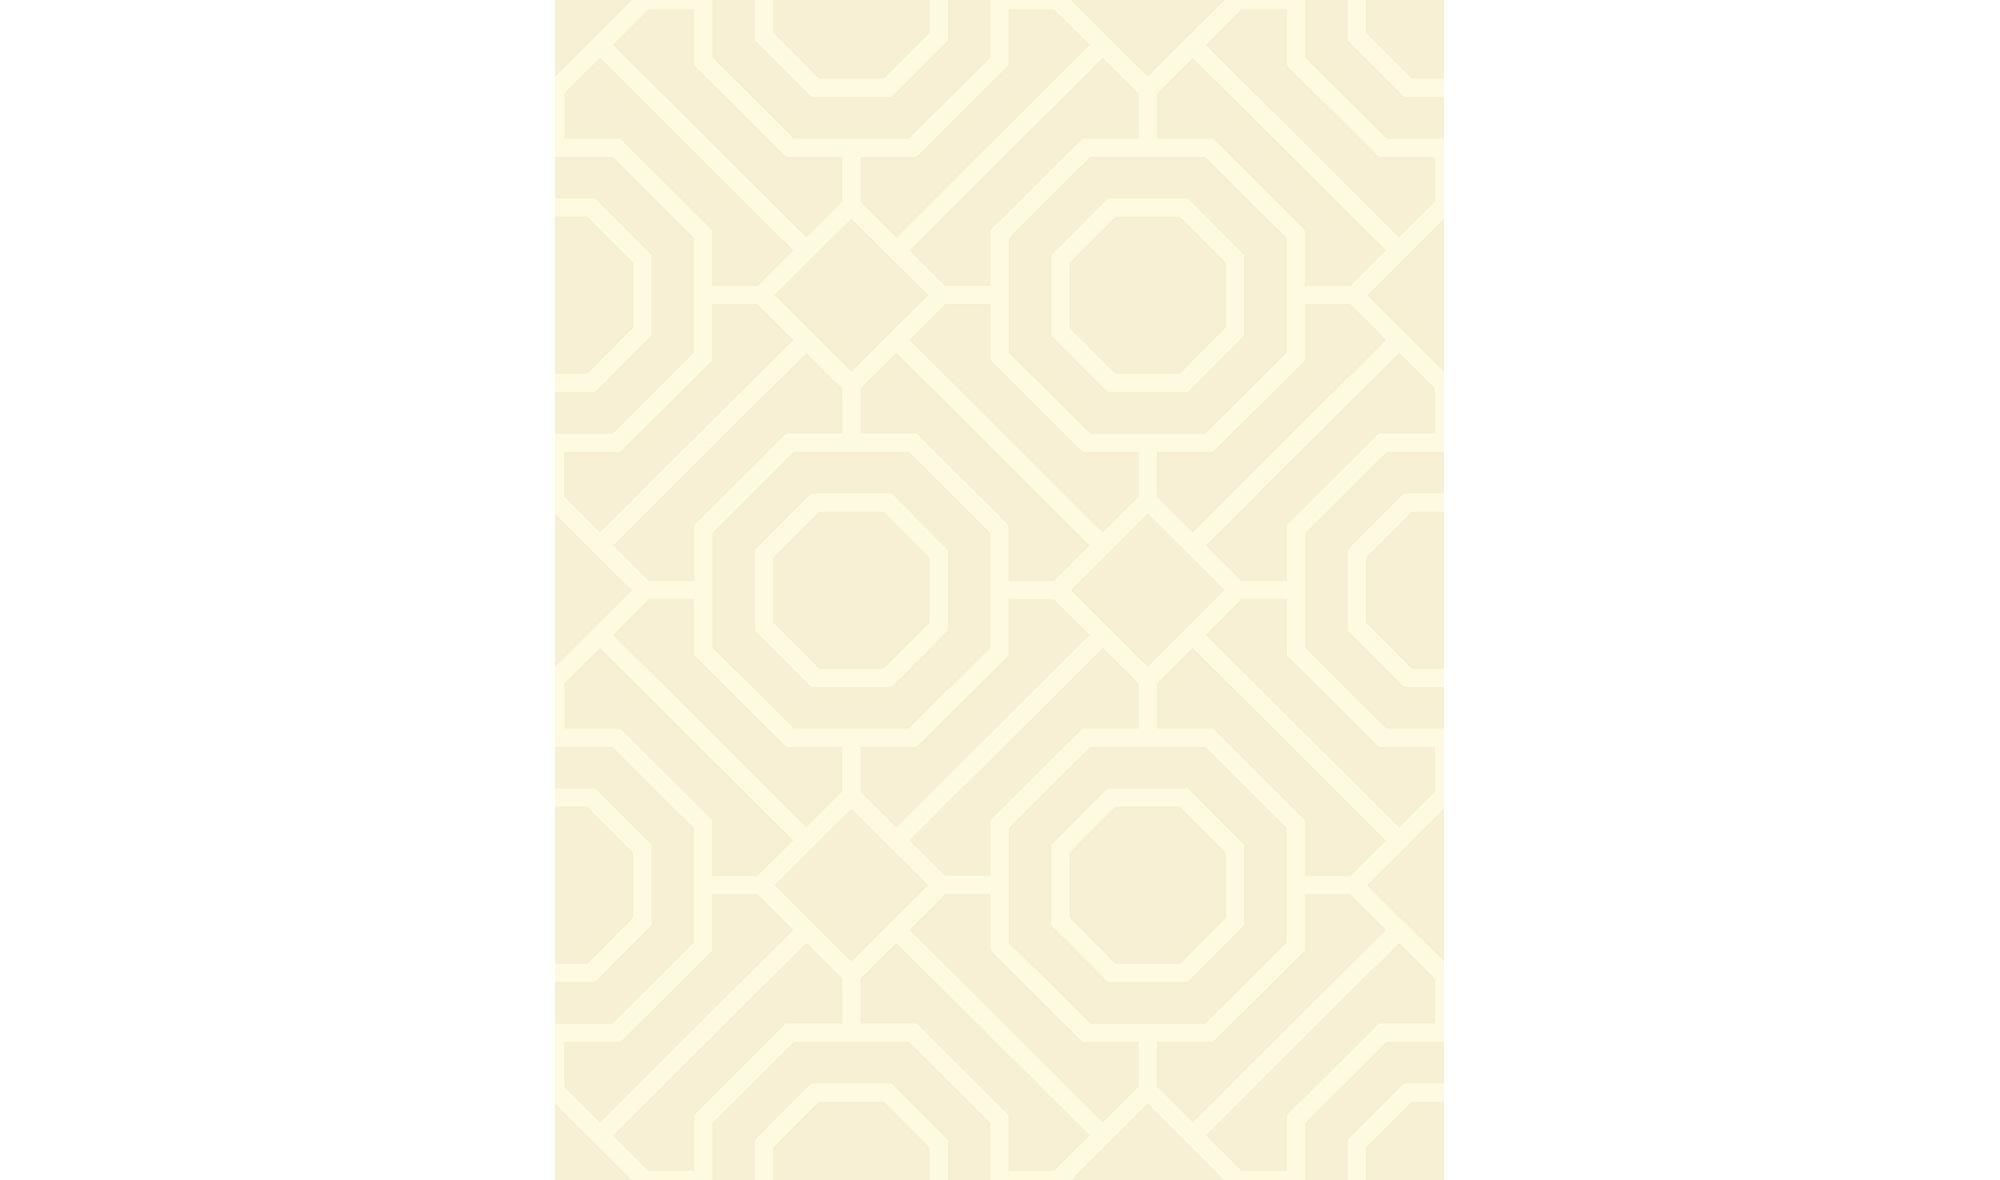 Rollo de papel pintado geom trico amarillo crudo en - Papel pintado en muebles ...